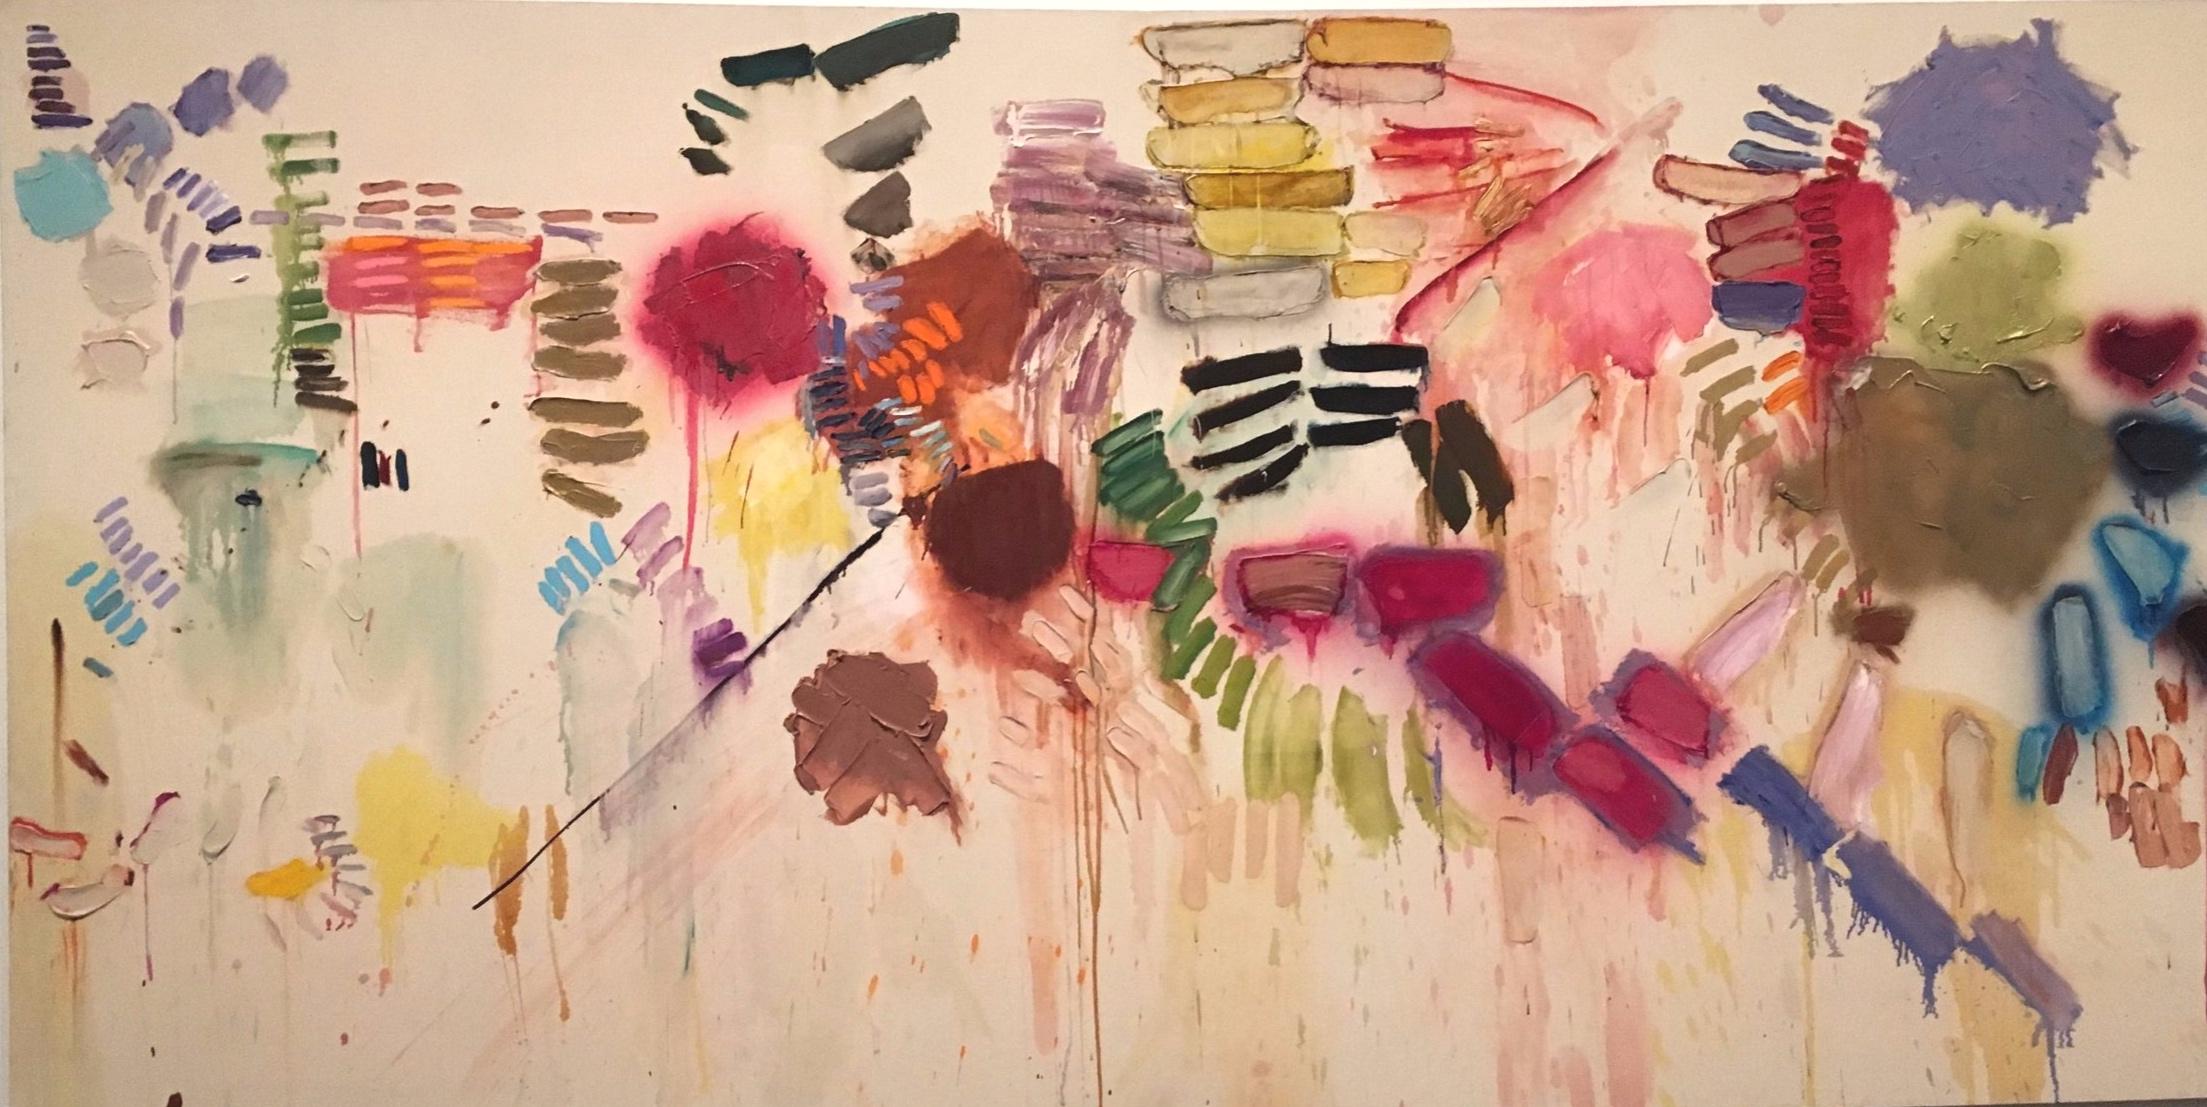 Joan Snyder, 'Smashed Strokes Hopes', 1971.